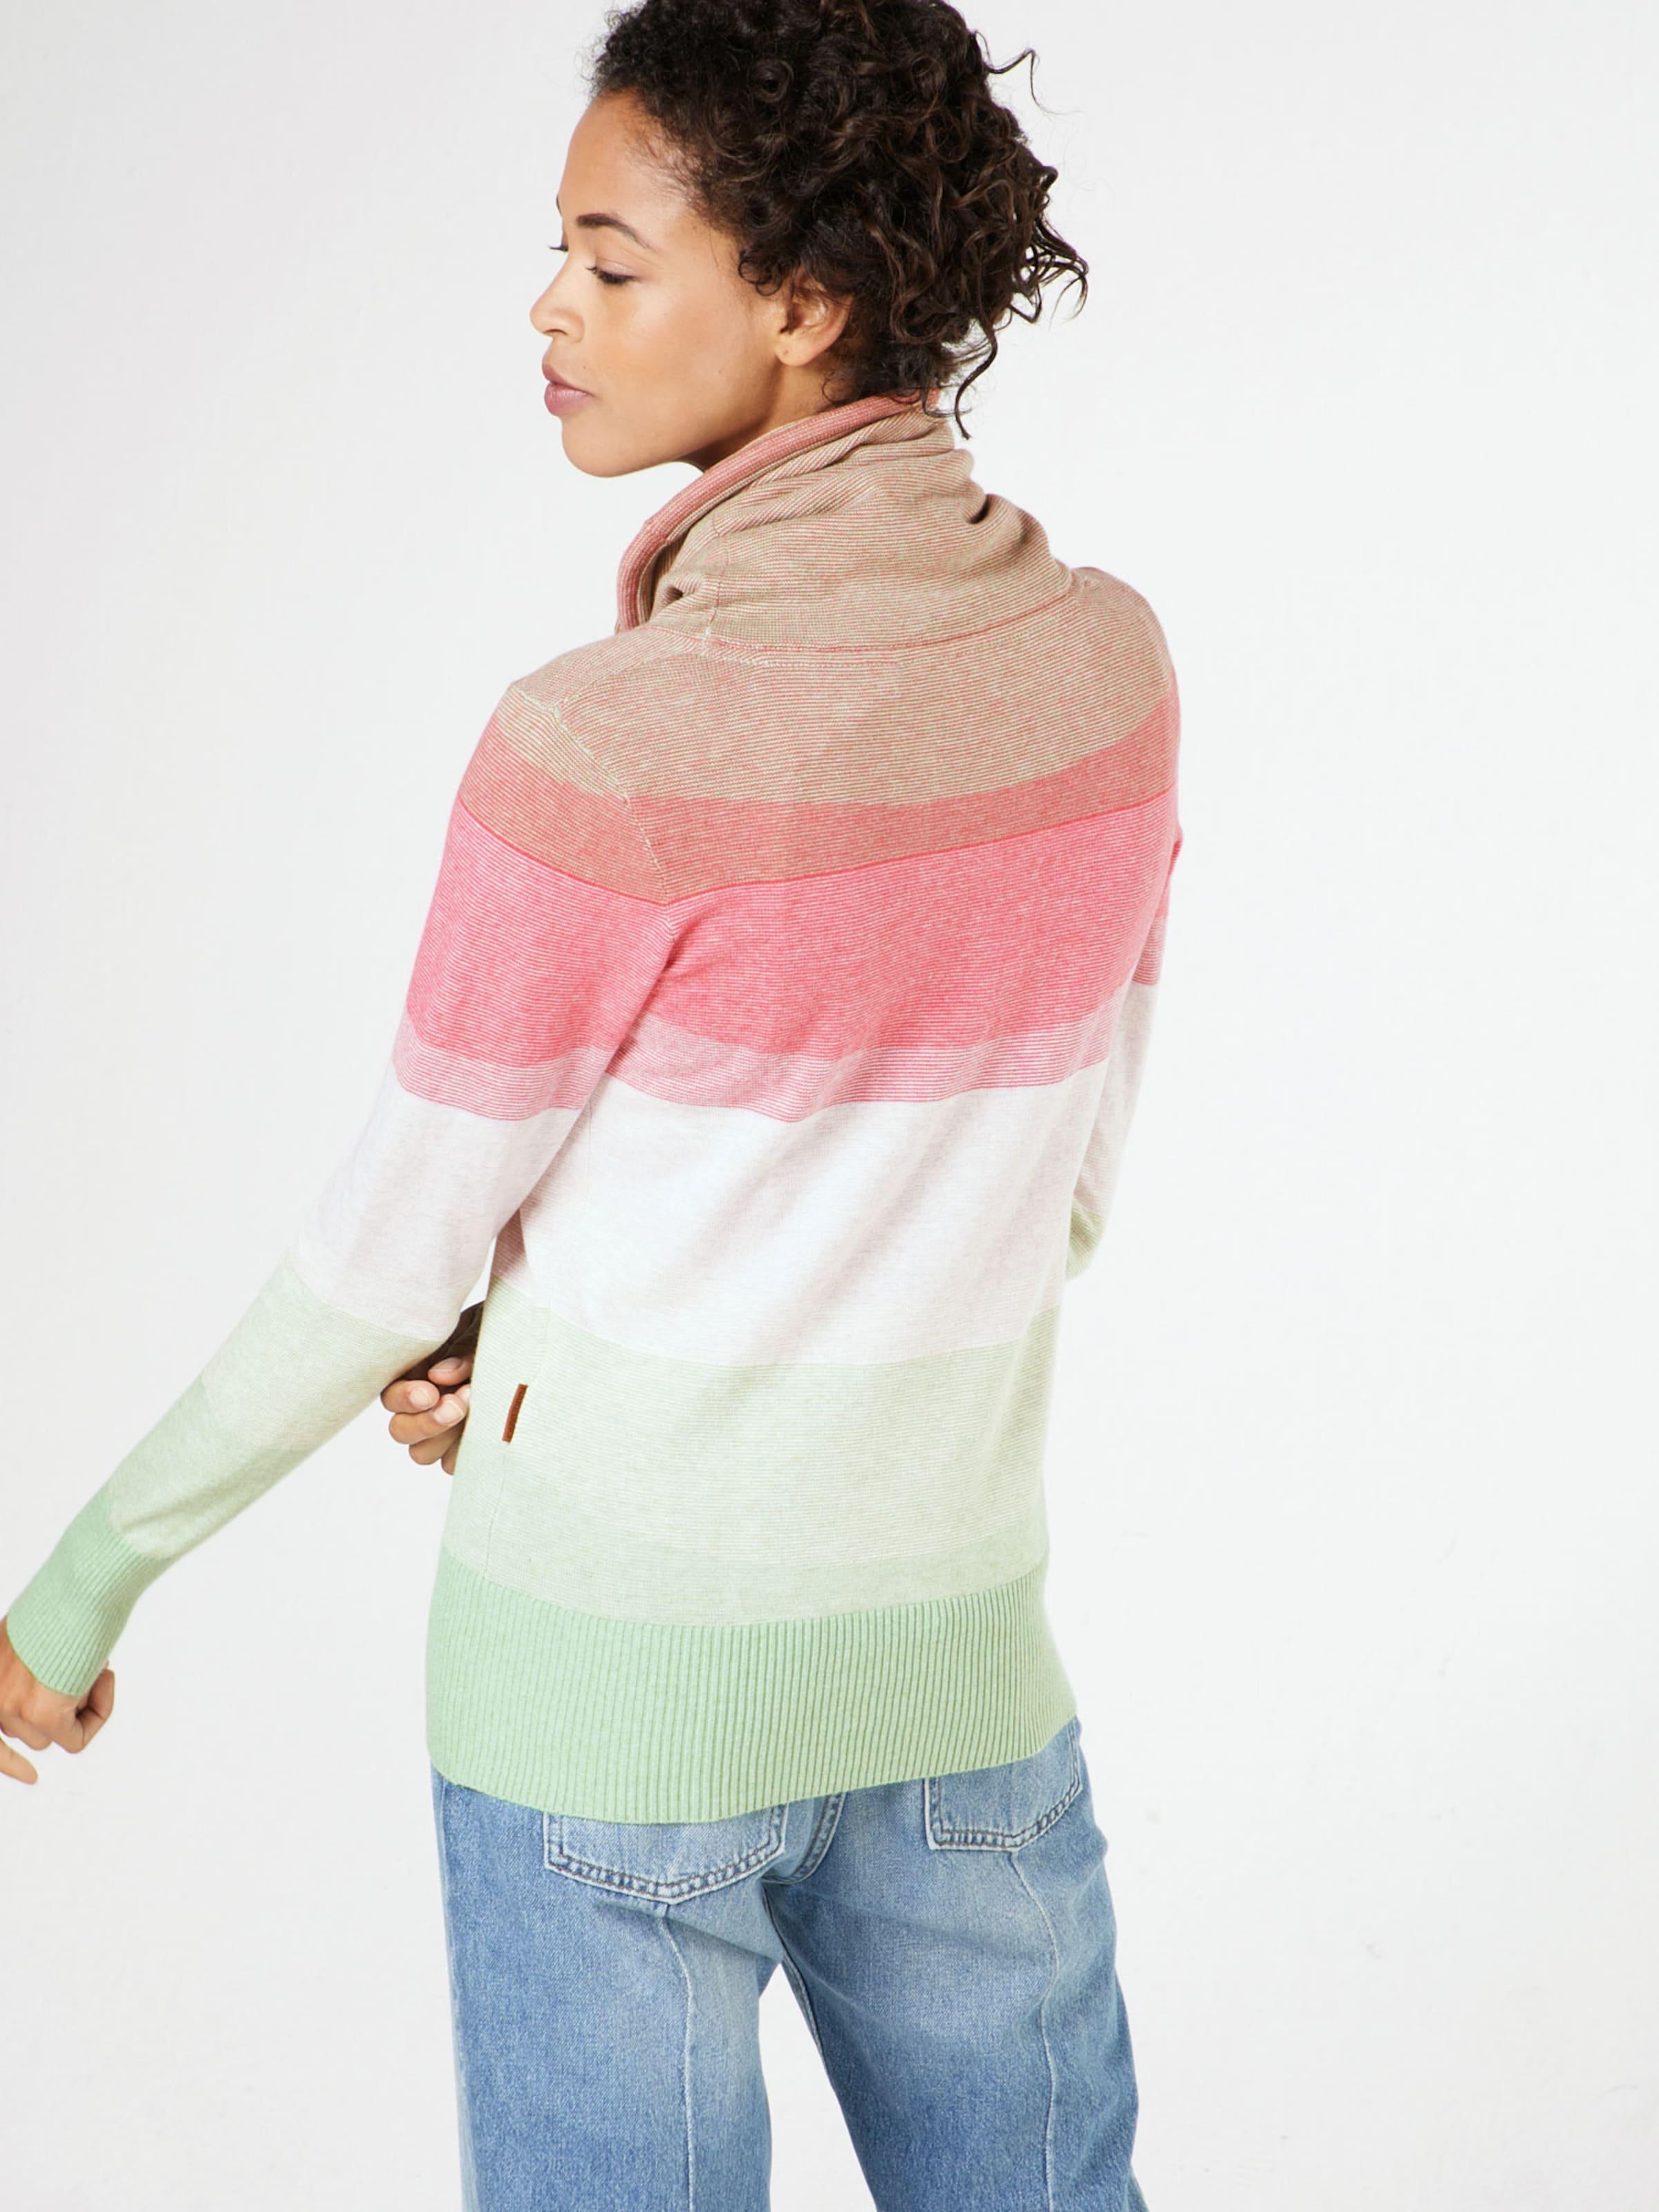 Rabatt Heißen Verkauf naketano Pullover 'Joao Schmierao III' Günstig Kaufen Angebot Zum Verkauf 2018 y0nNE3vHhl